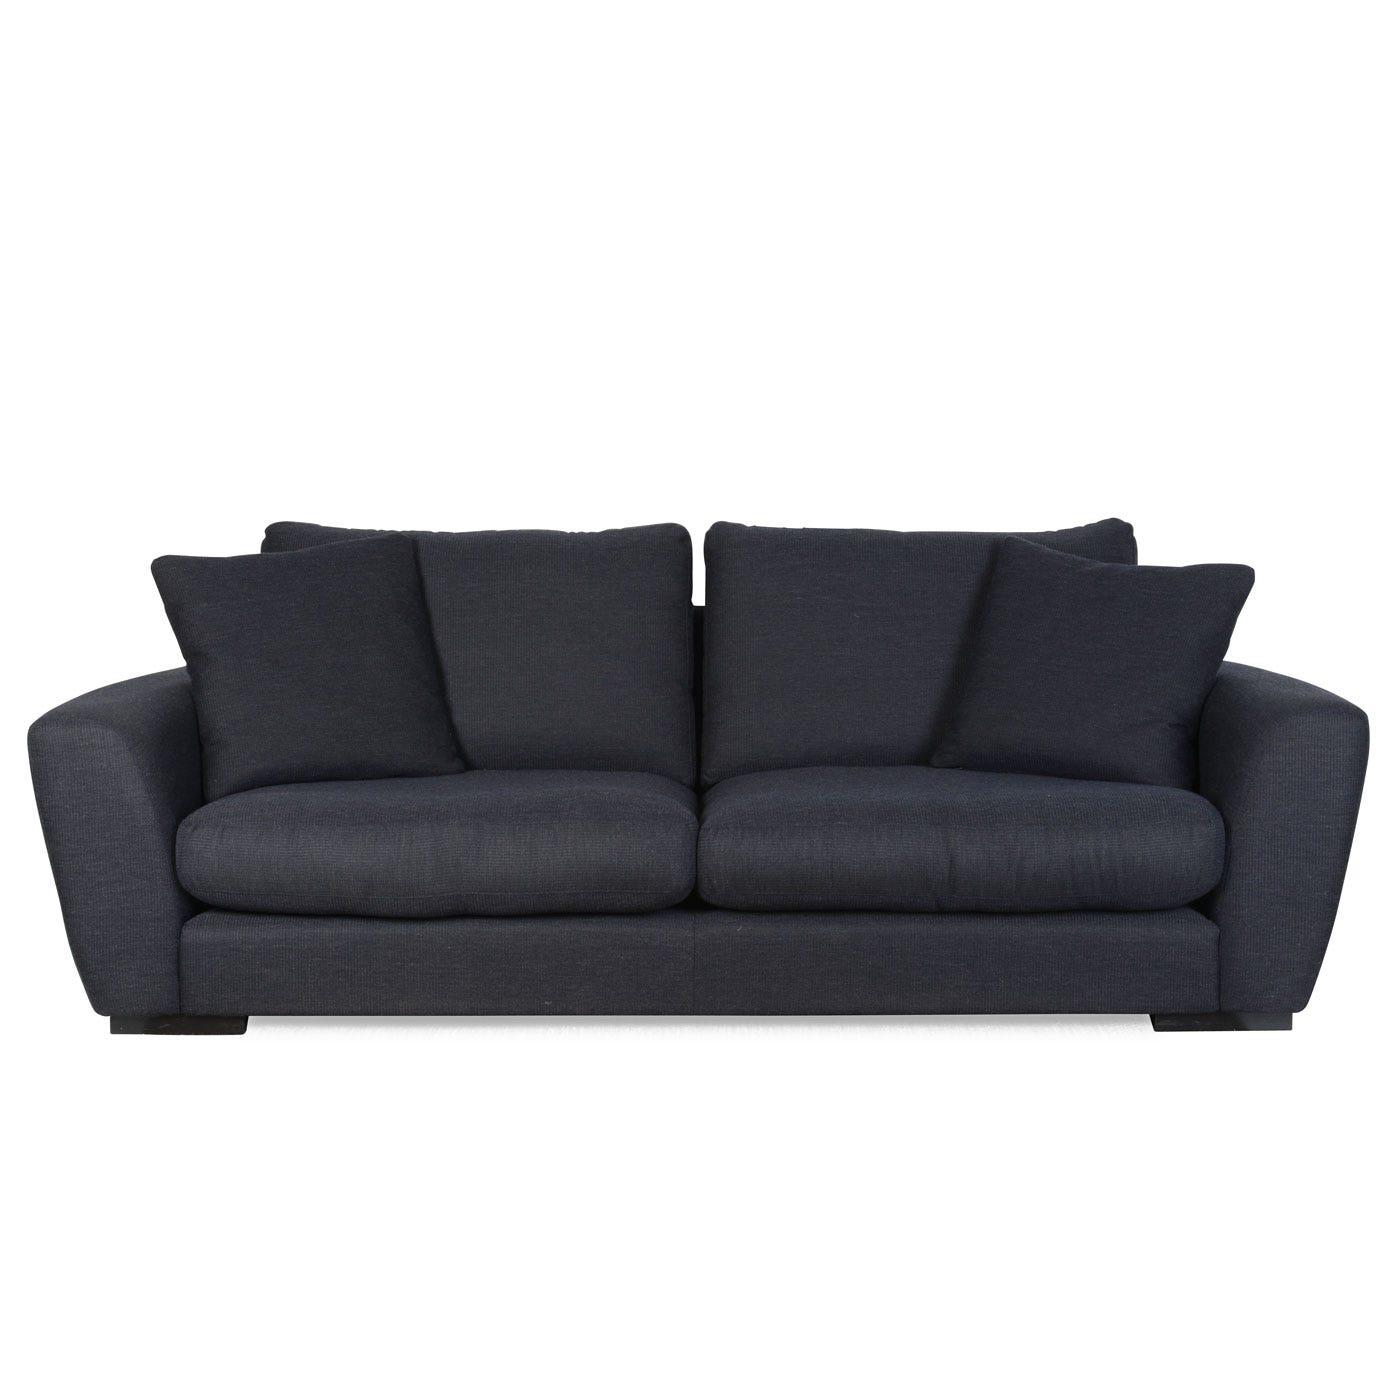 Slouch 4 Seater Sofa Octet Midnight Ebony Feet